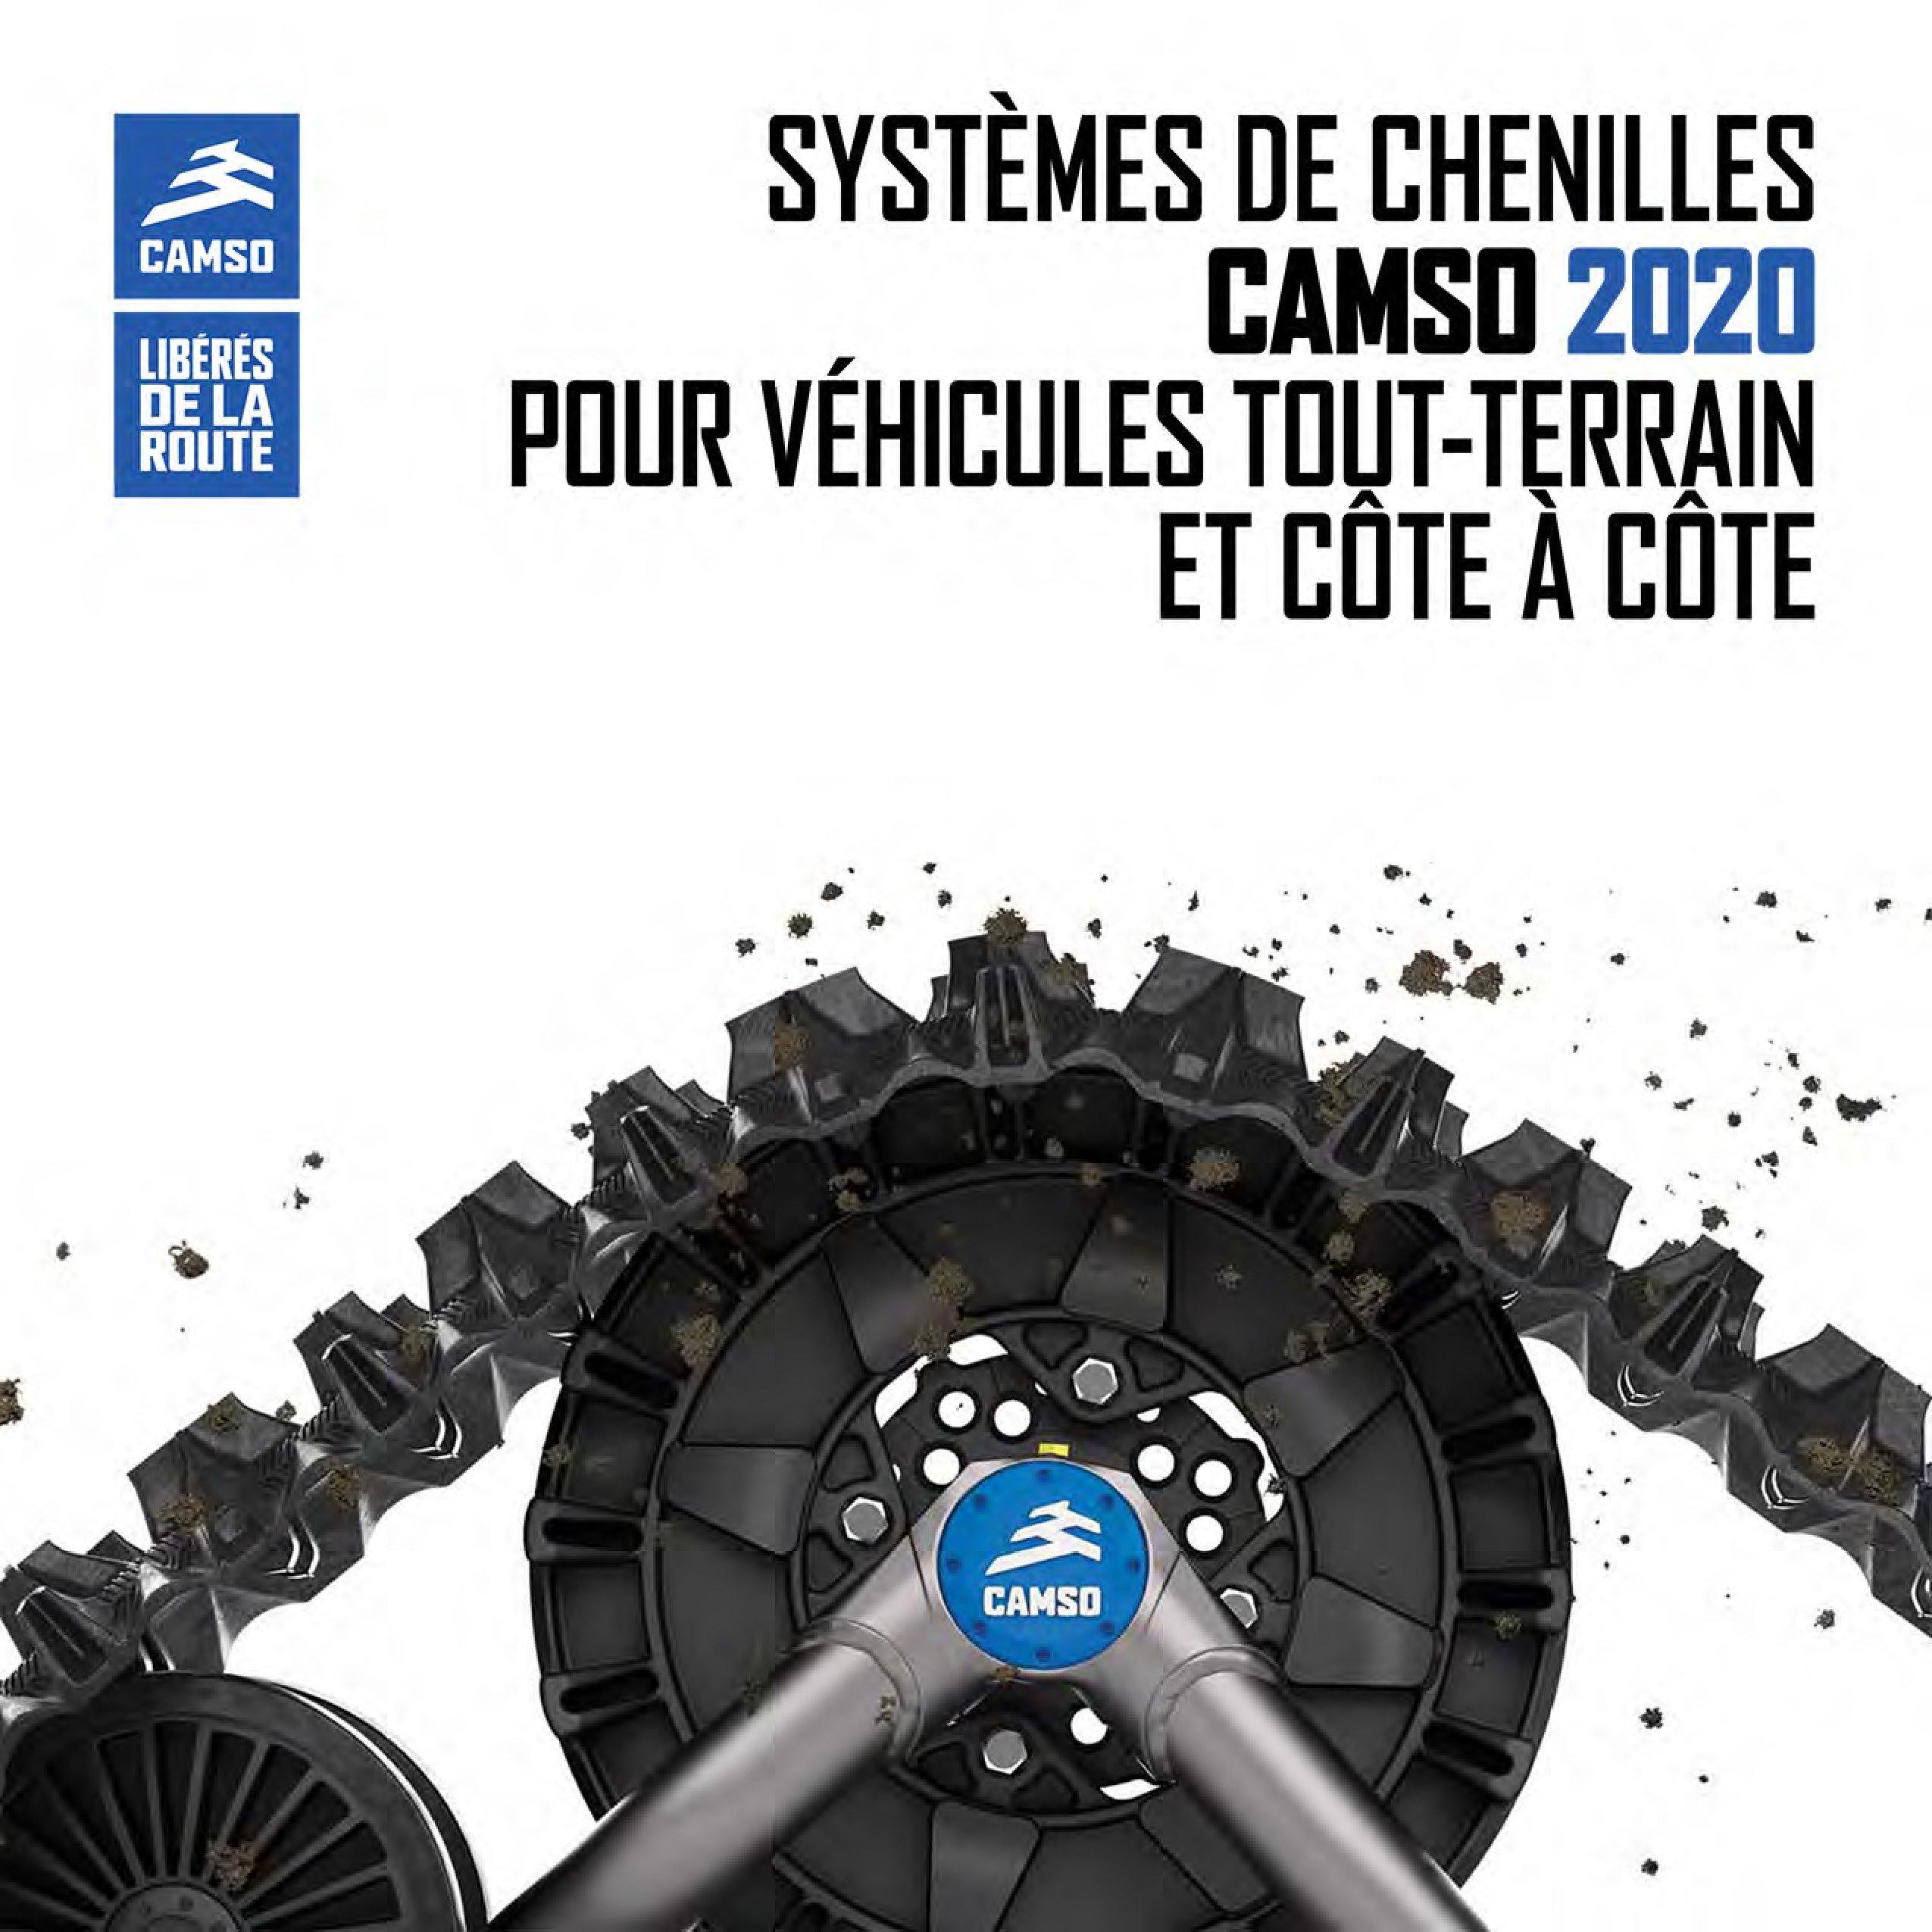 Kit de chenille Camso disponible chez Moto Repentigny